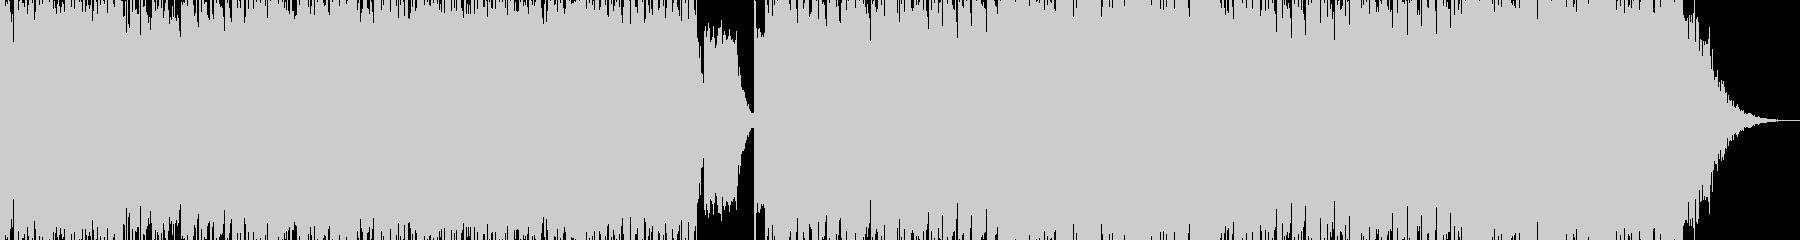 【EDM】アグレッシヴな迫力の一曲の未再生の波形